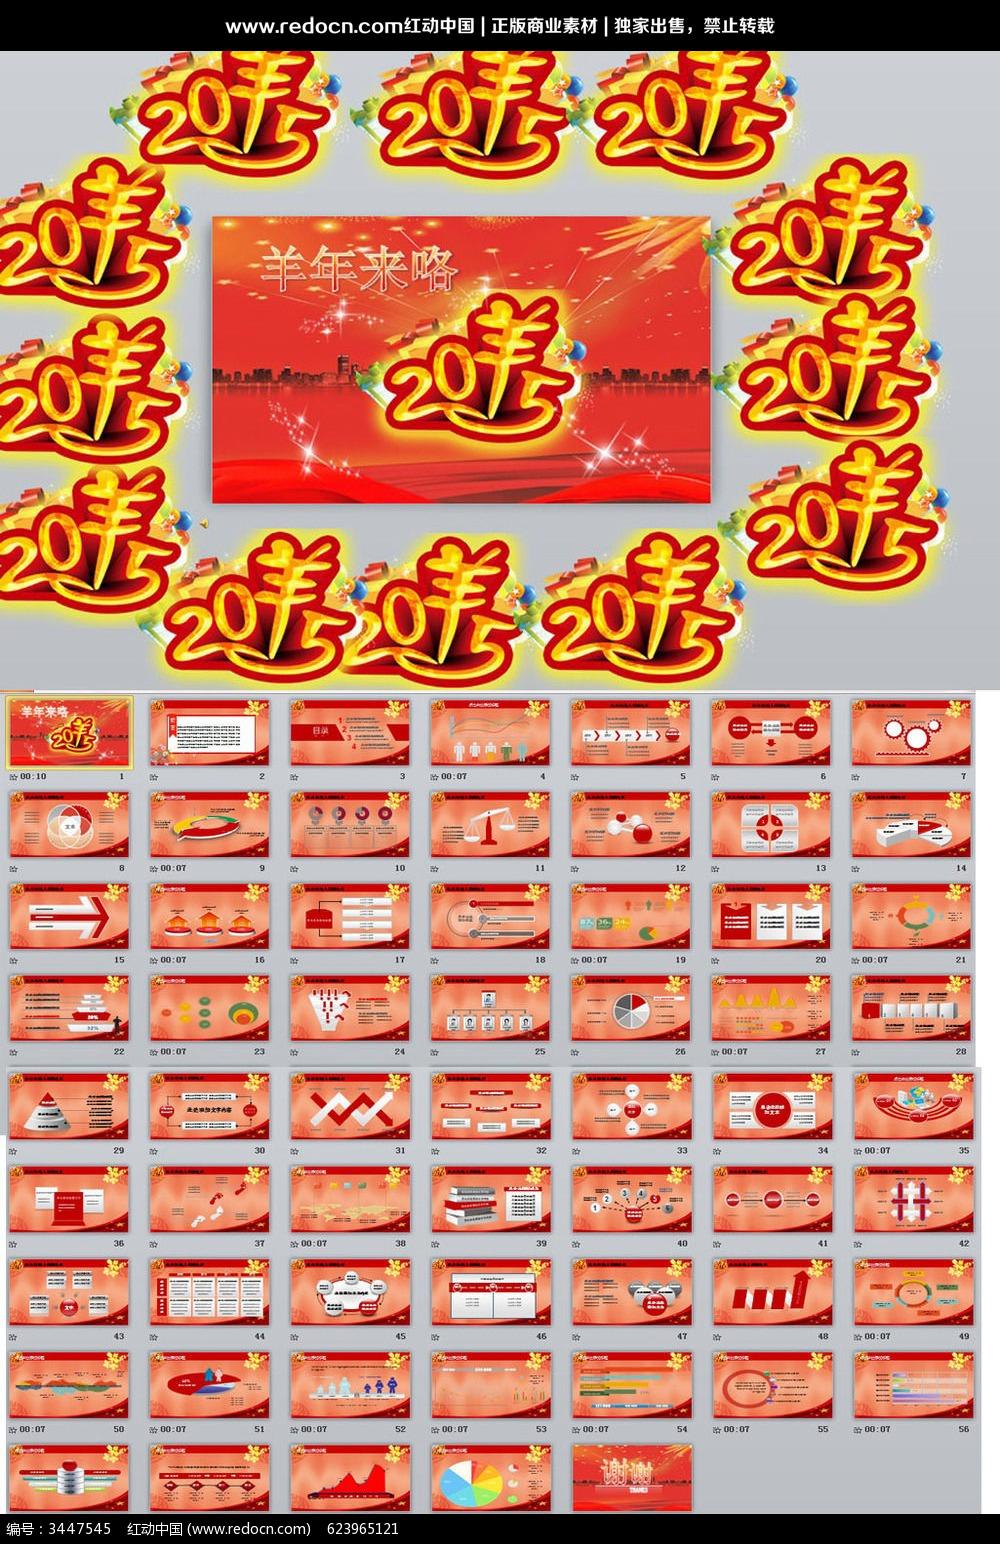 2015 开门红ppt 模版 ppt模板 ppt背景图片 图片